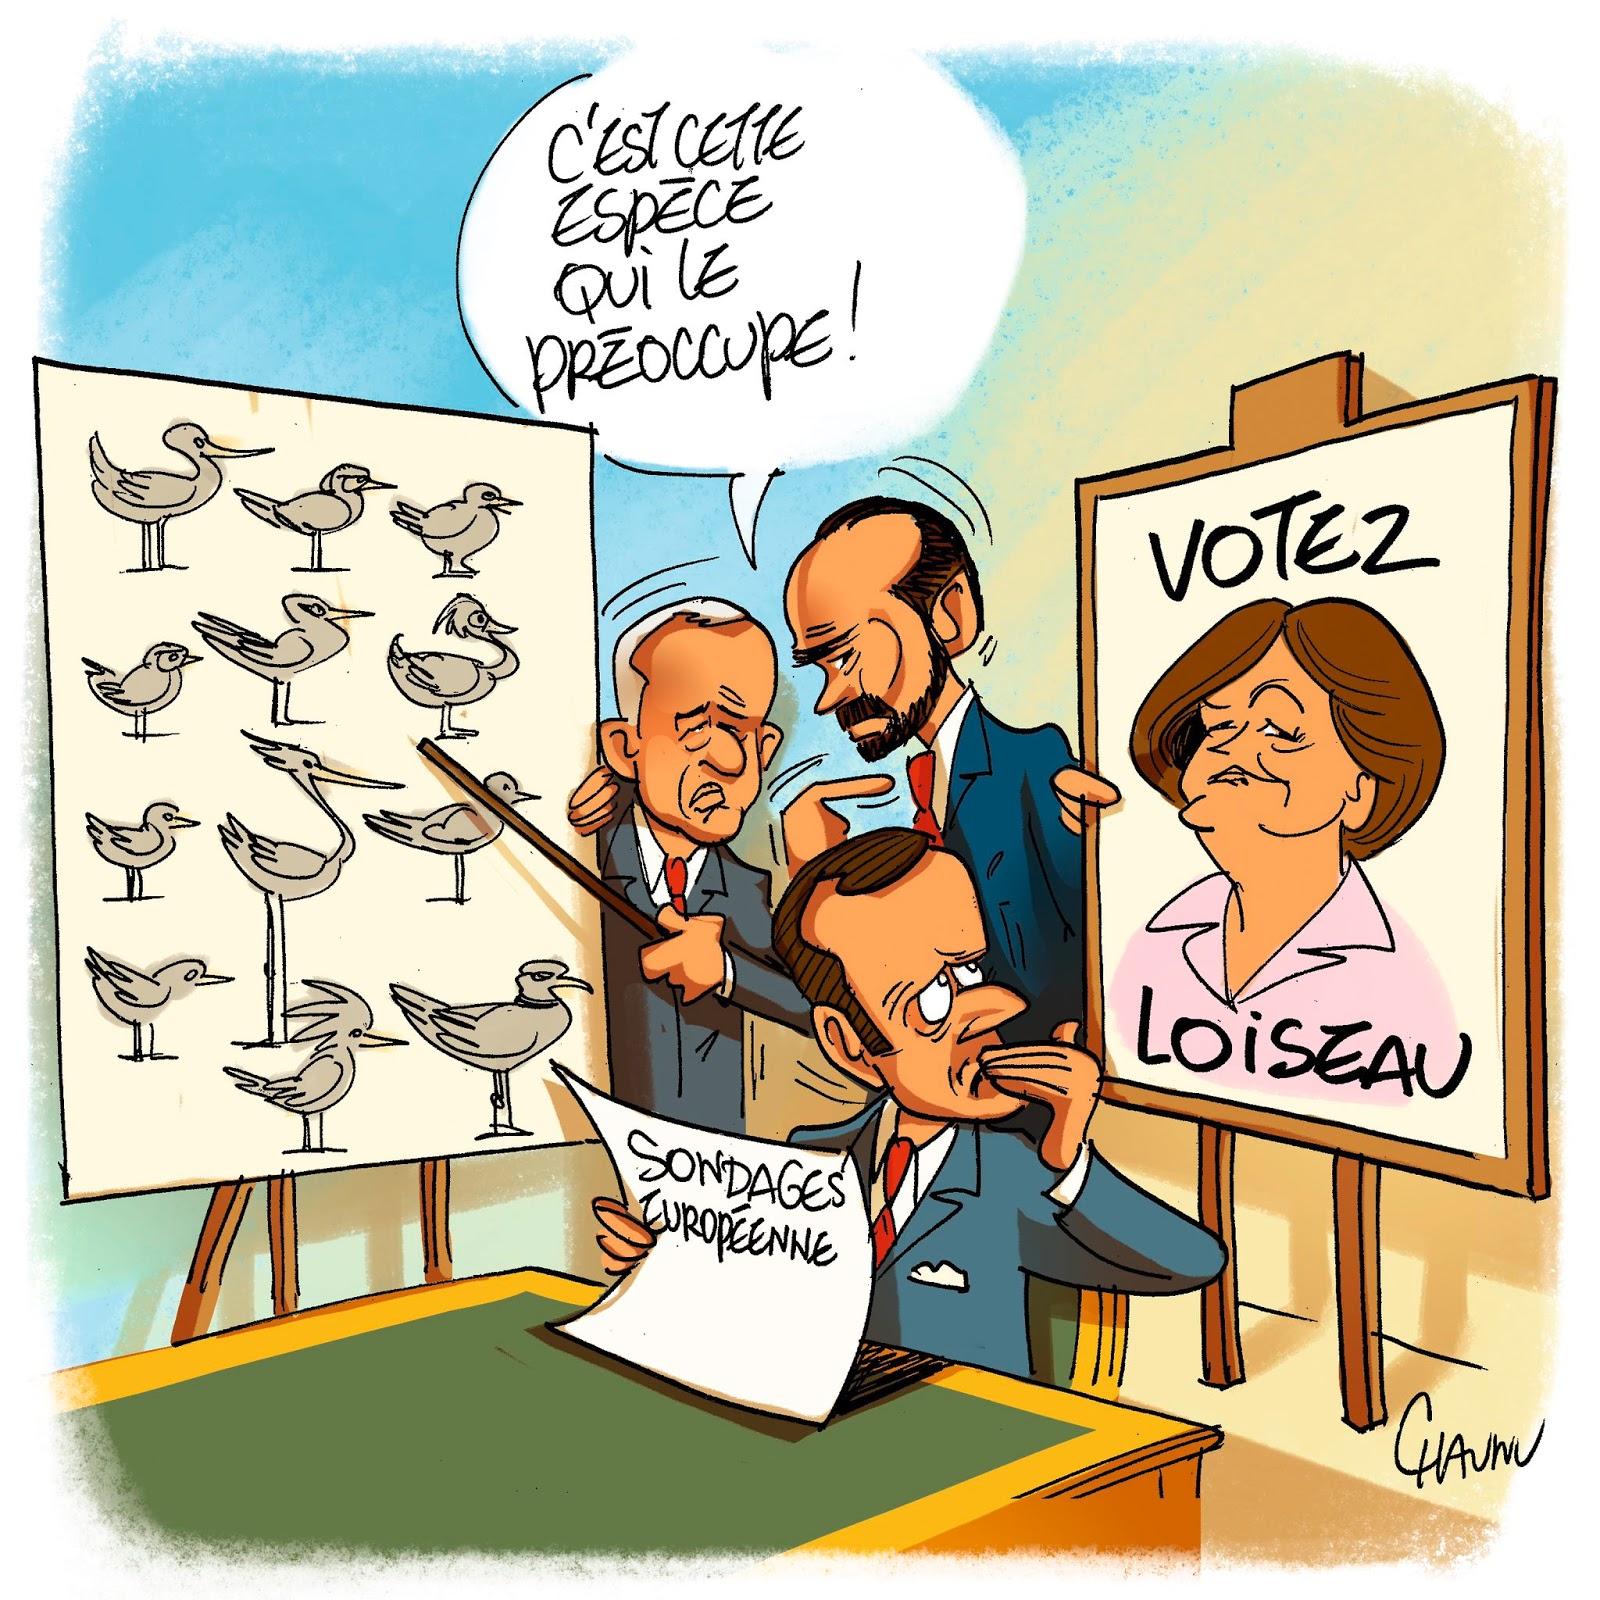 2a649f0aba2c6 Les mots qui entrent dans le Petit Larousse sont publiés, tweet de Bernard  Pivot